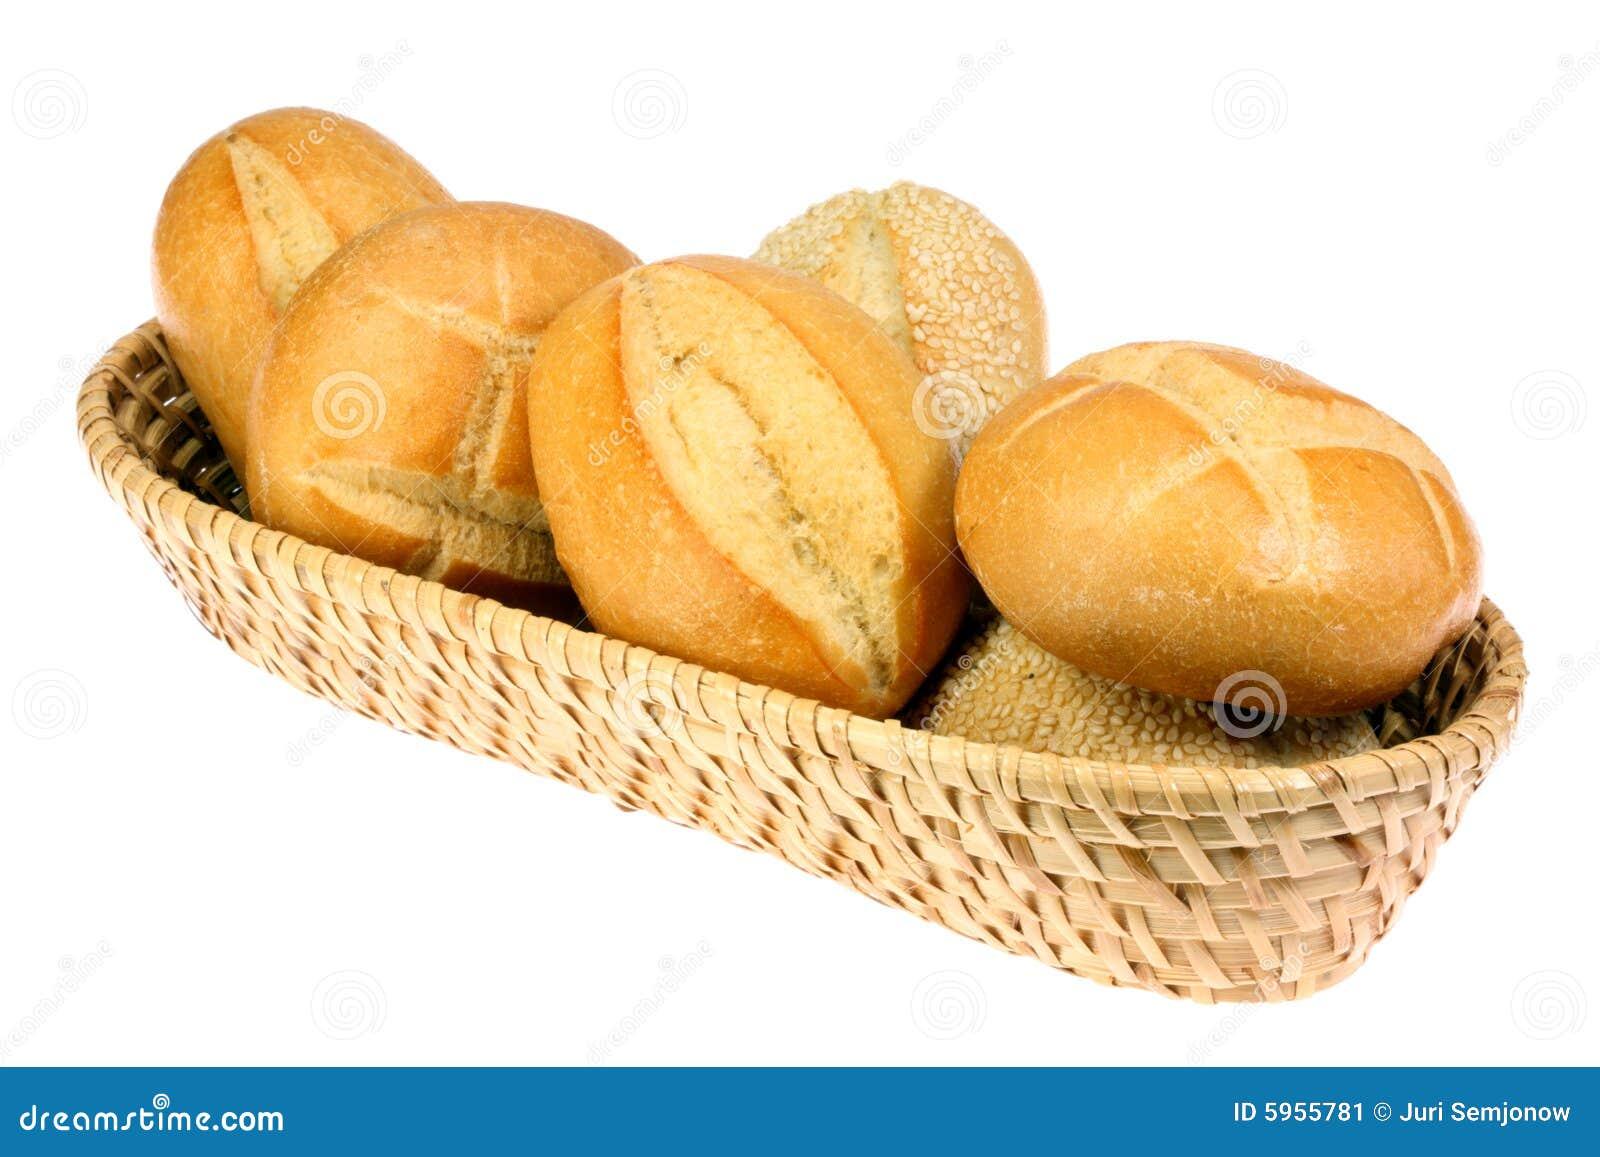 Basket Of Bread Rolls Stock Image Image Of Basket Meal